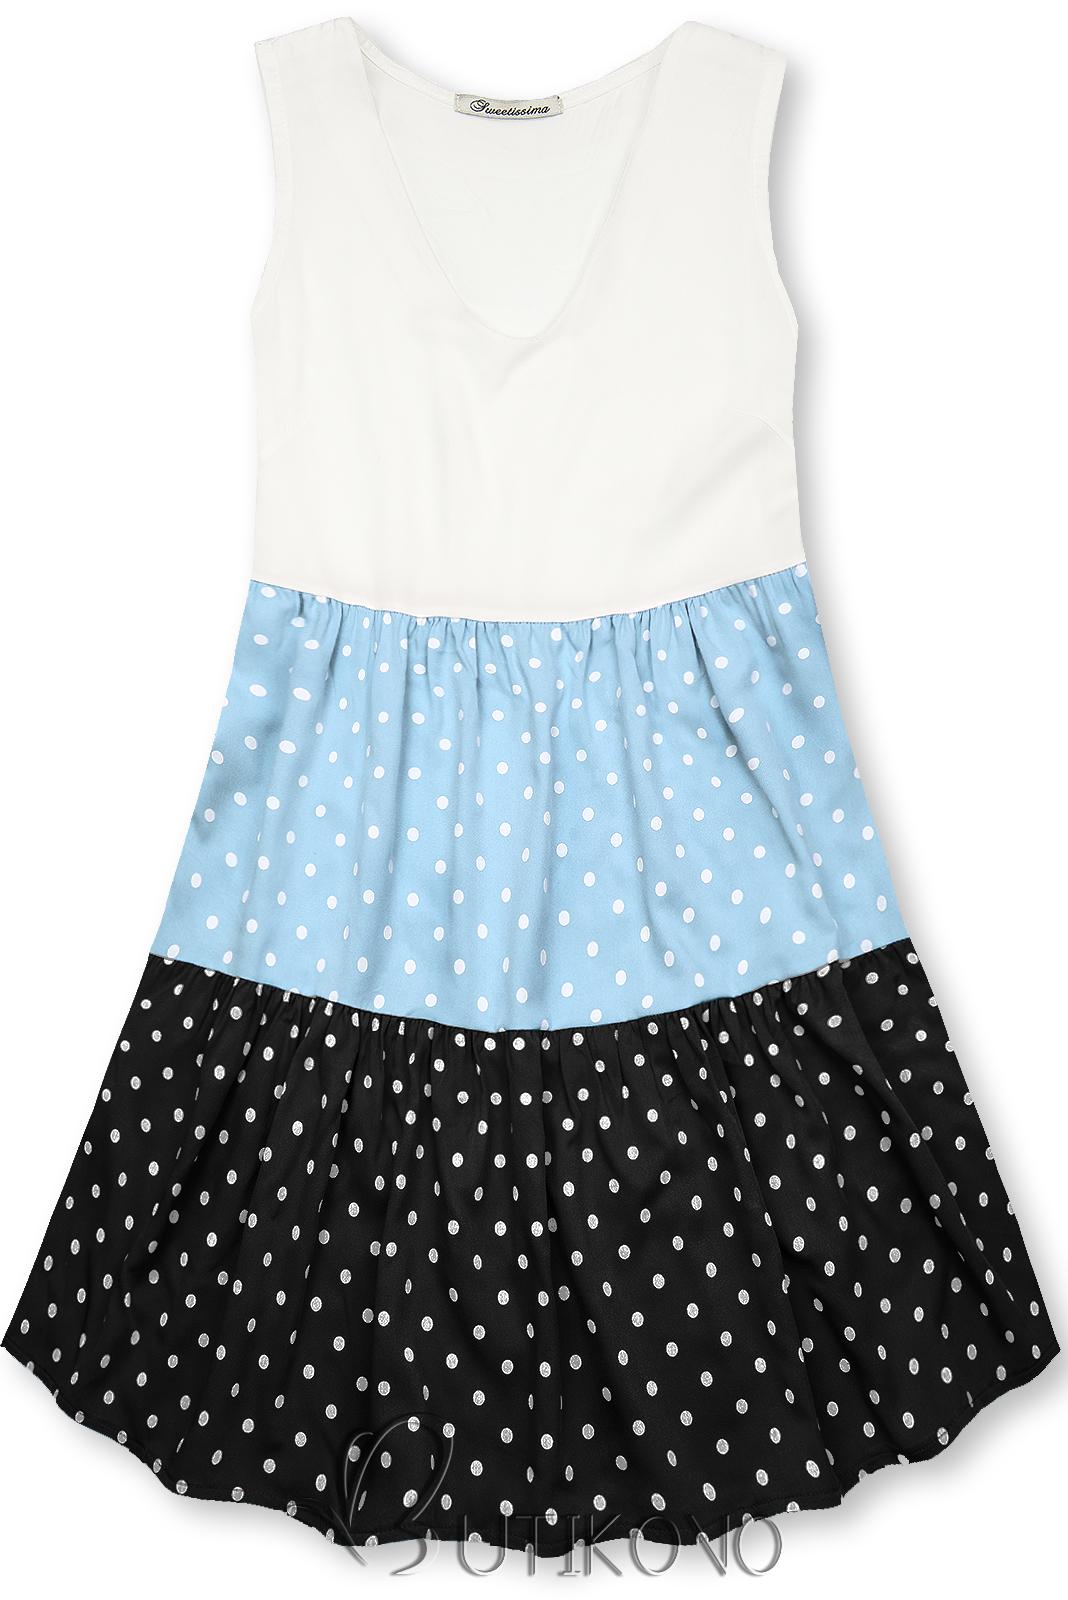 Bodkované šaty z viskózy biela/modrá/čierna